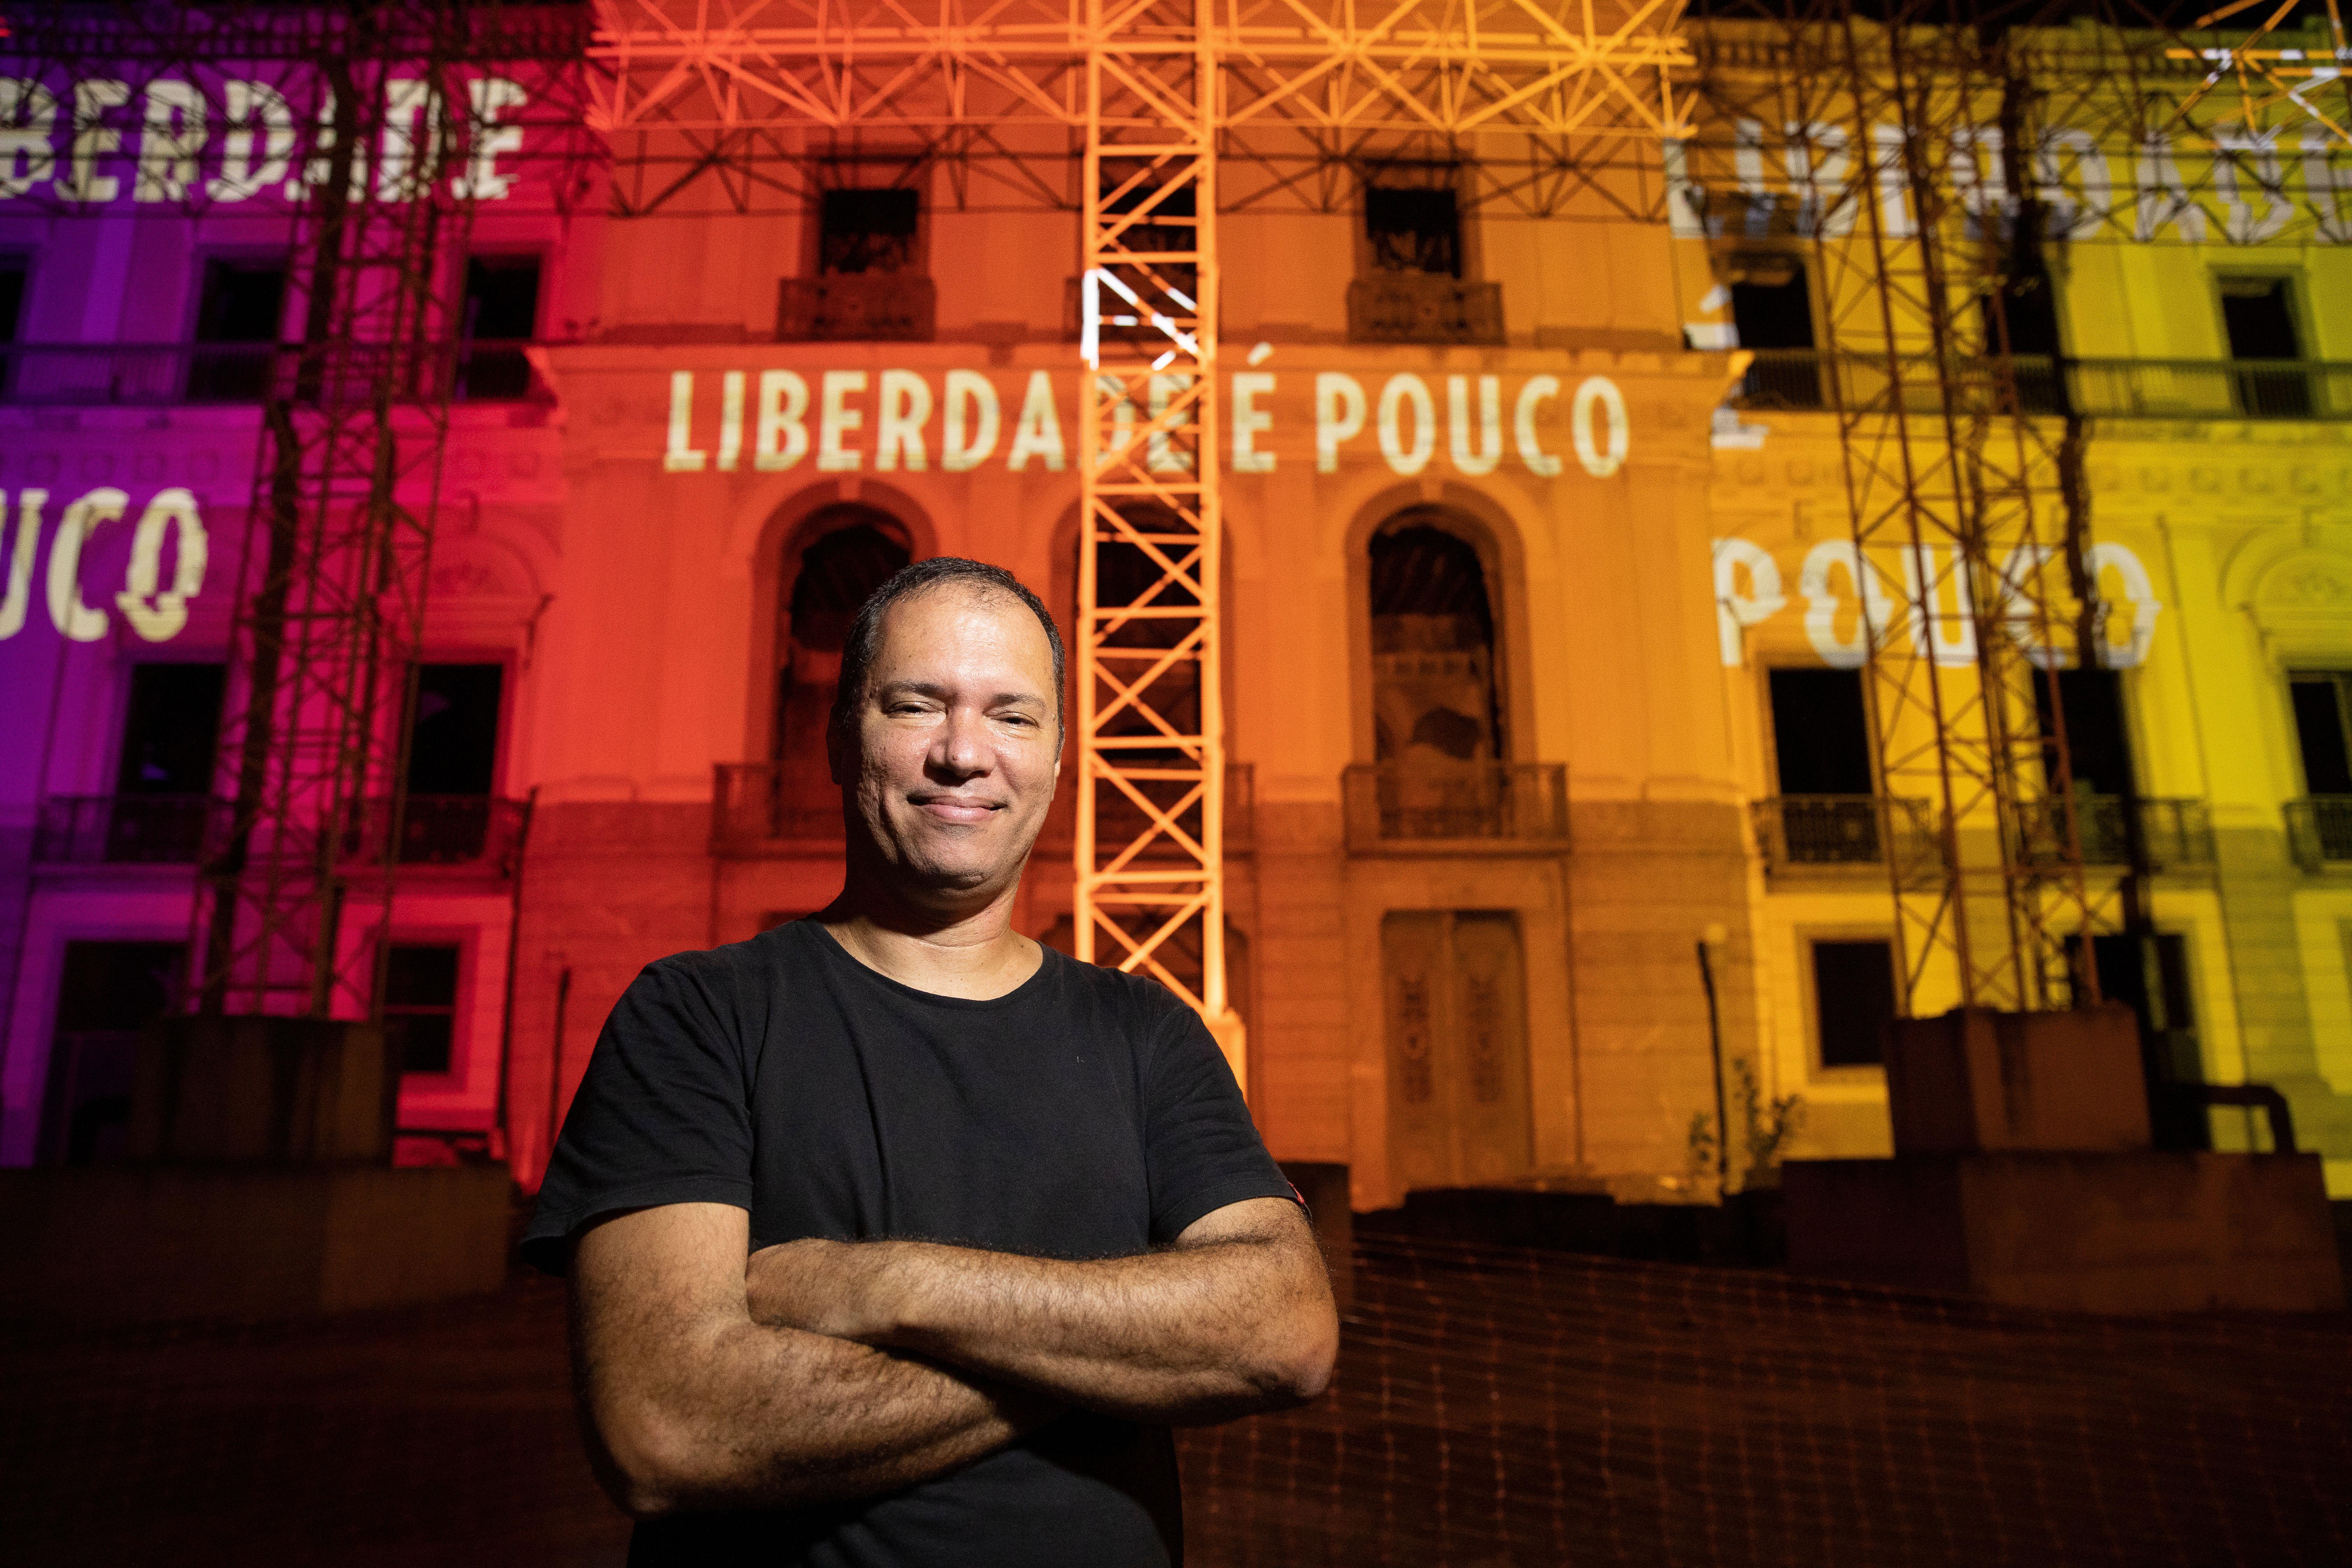 O idealizador do projeto, Batman Zavarese, se inspirou em livro de Clarice Lispector para tema da 16a edição do festival.